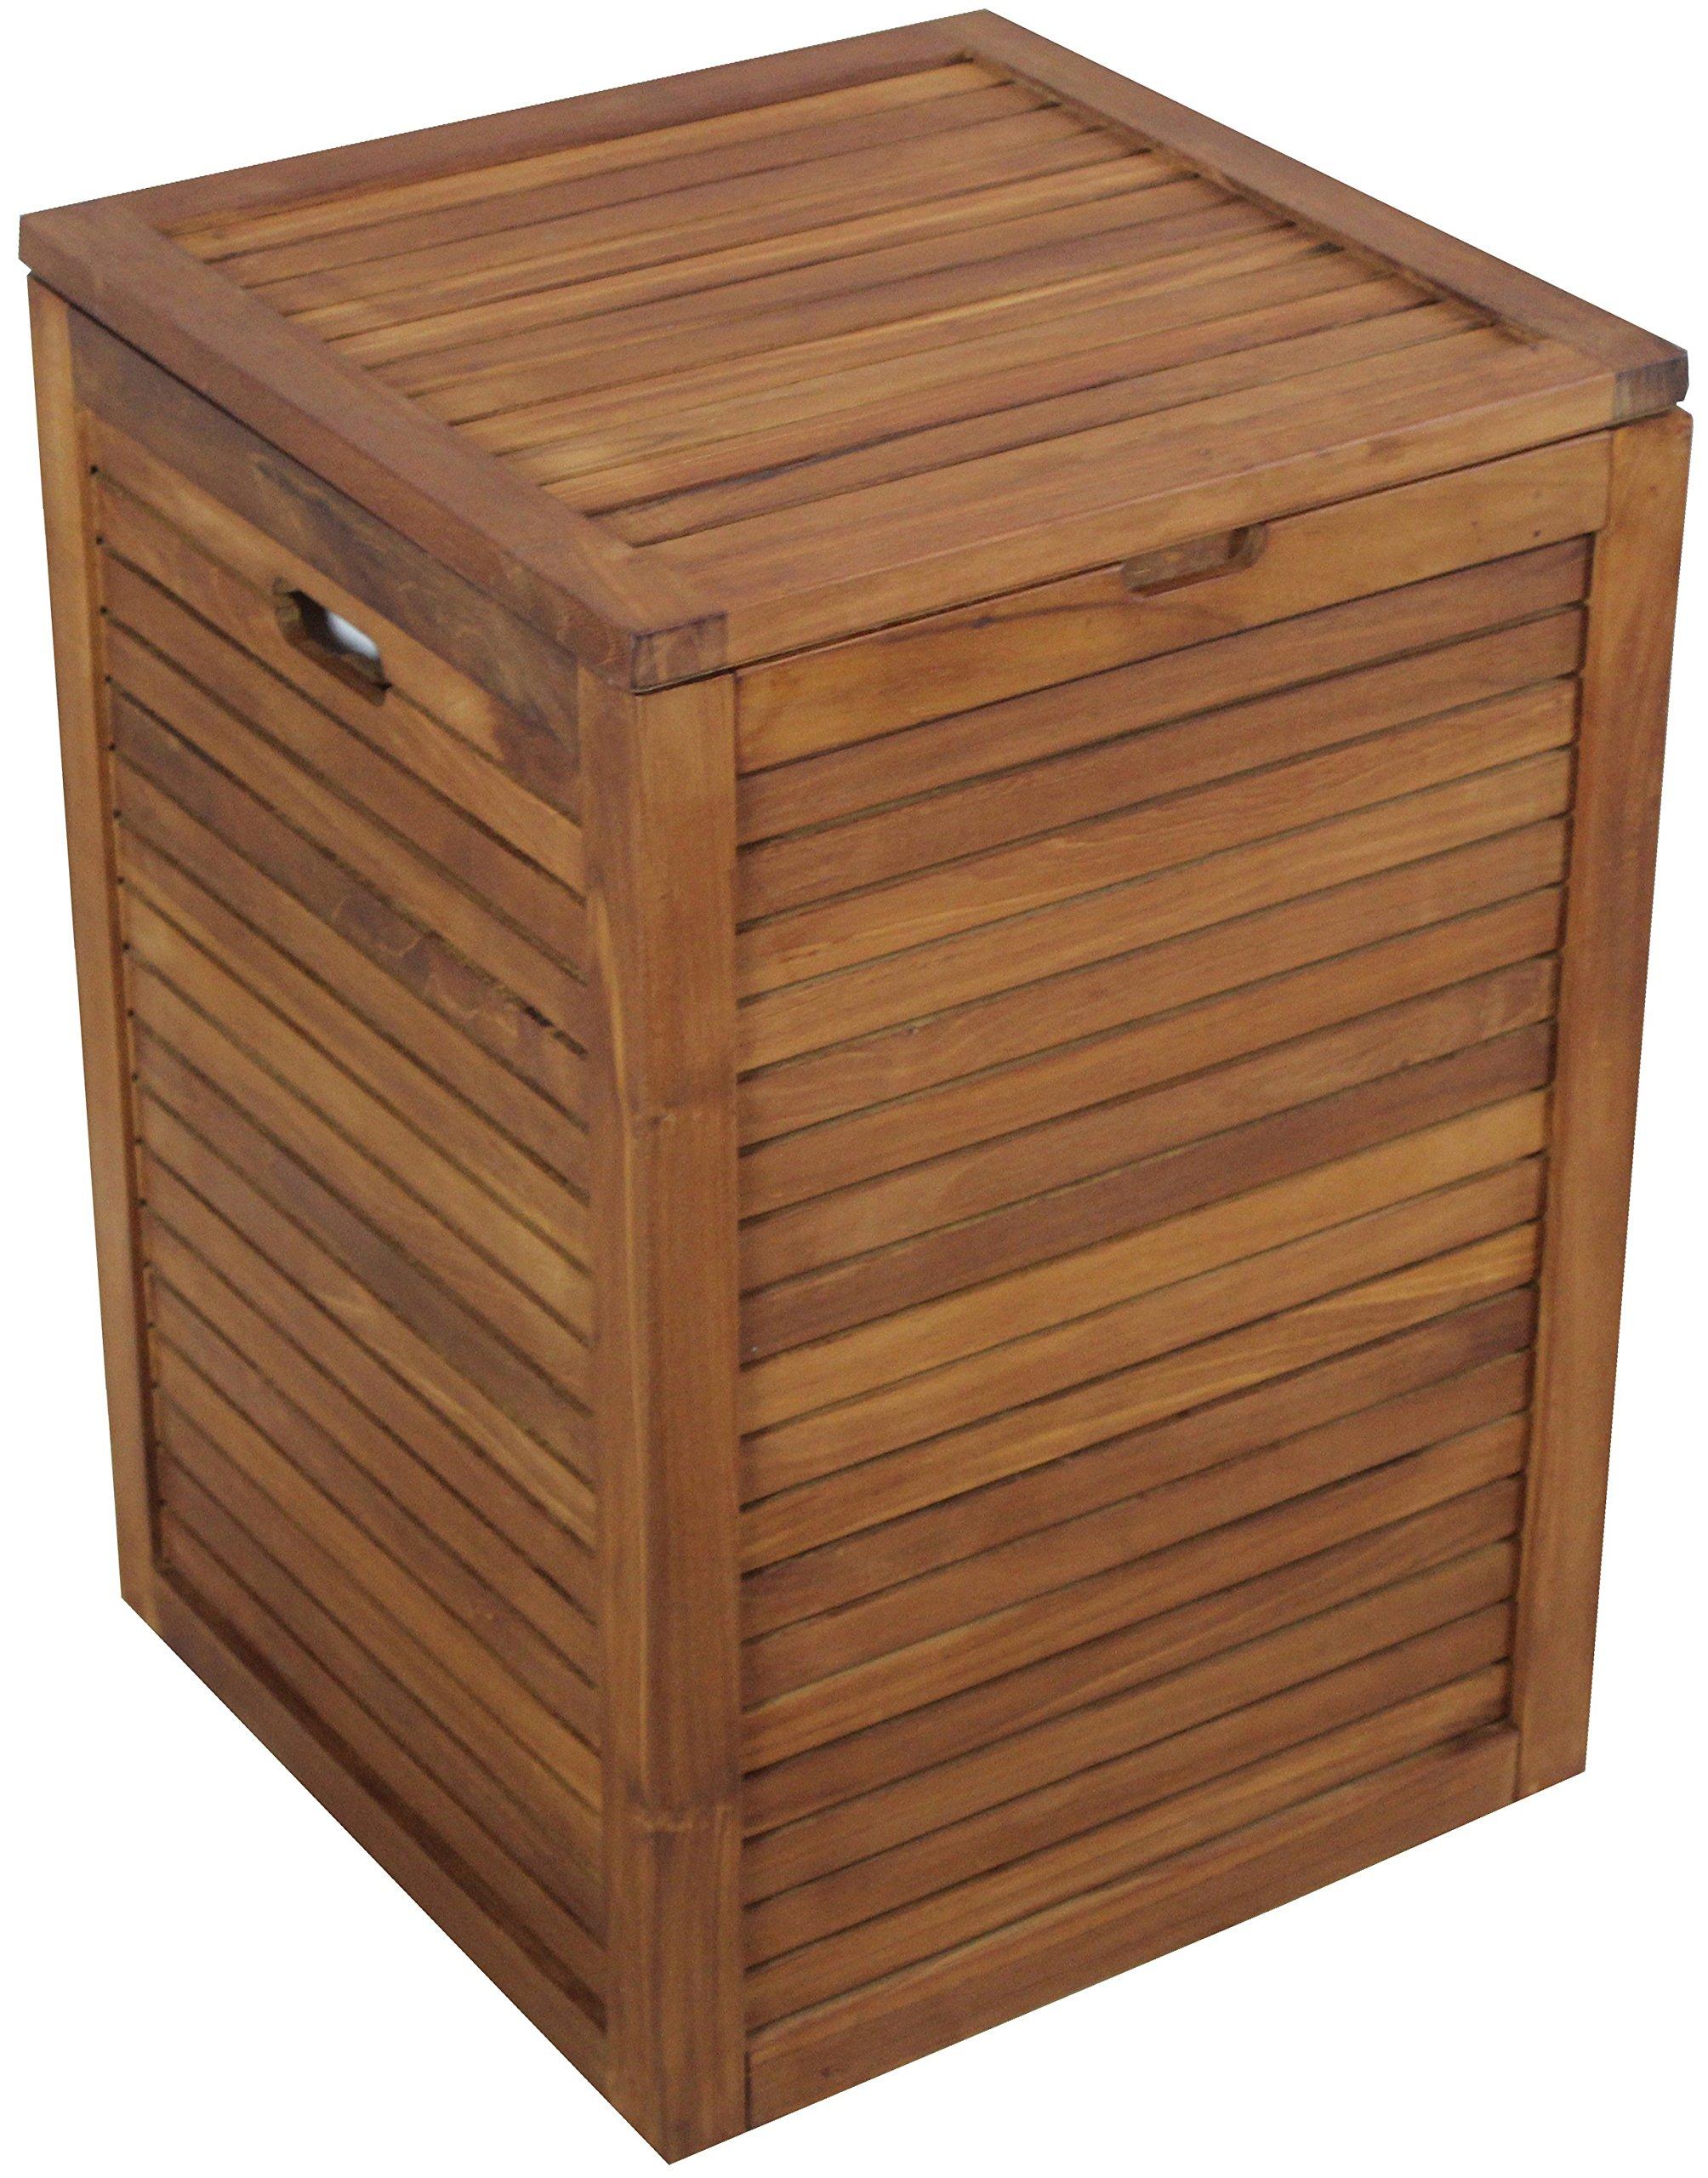 The Original Nila Large Size Teak Laundry or Storage Hamper